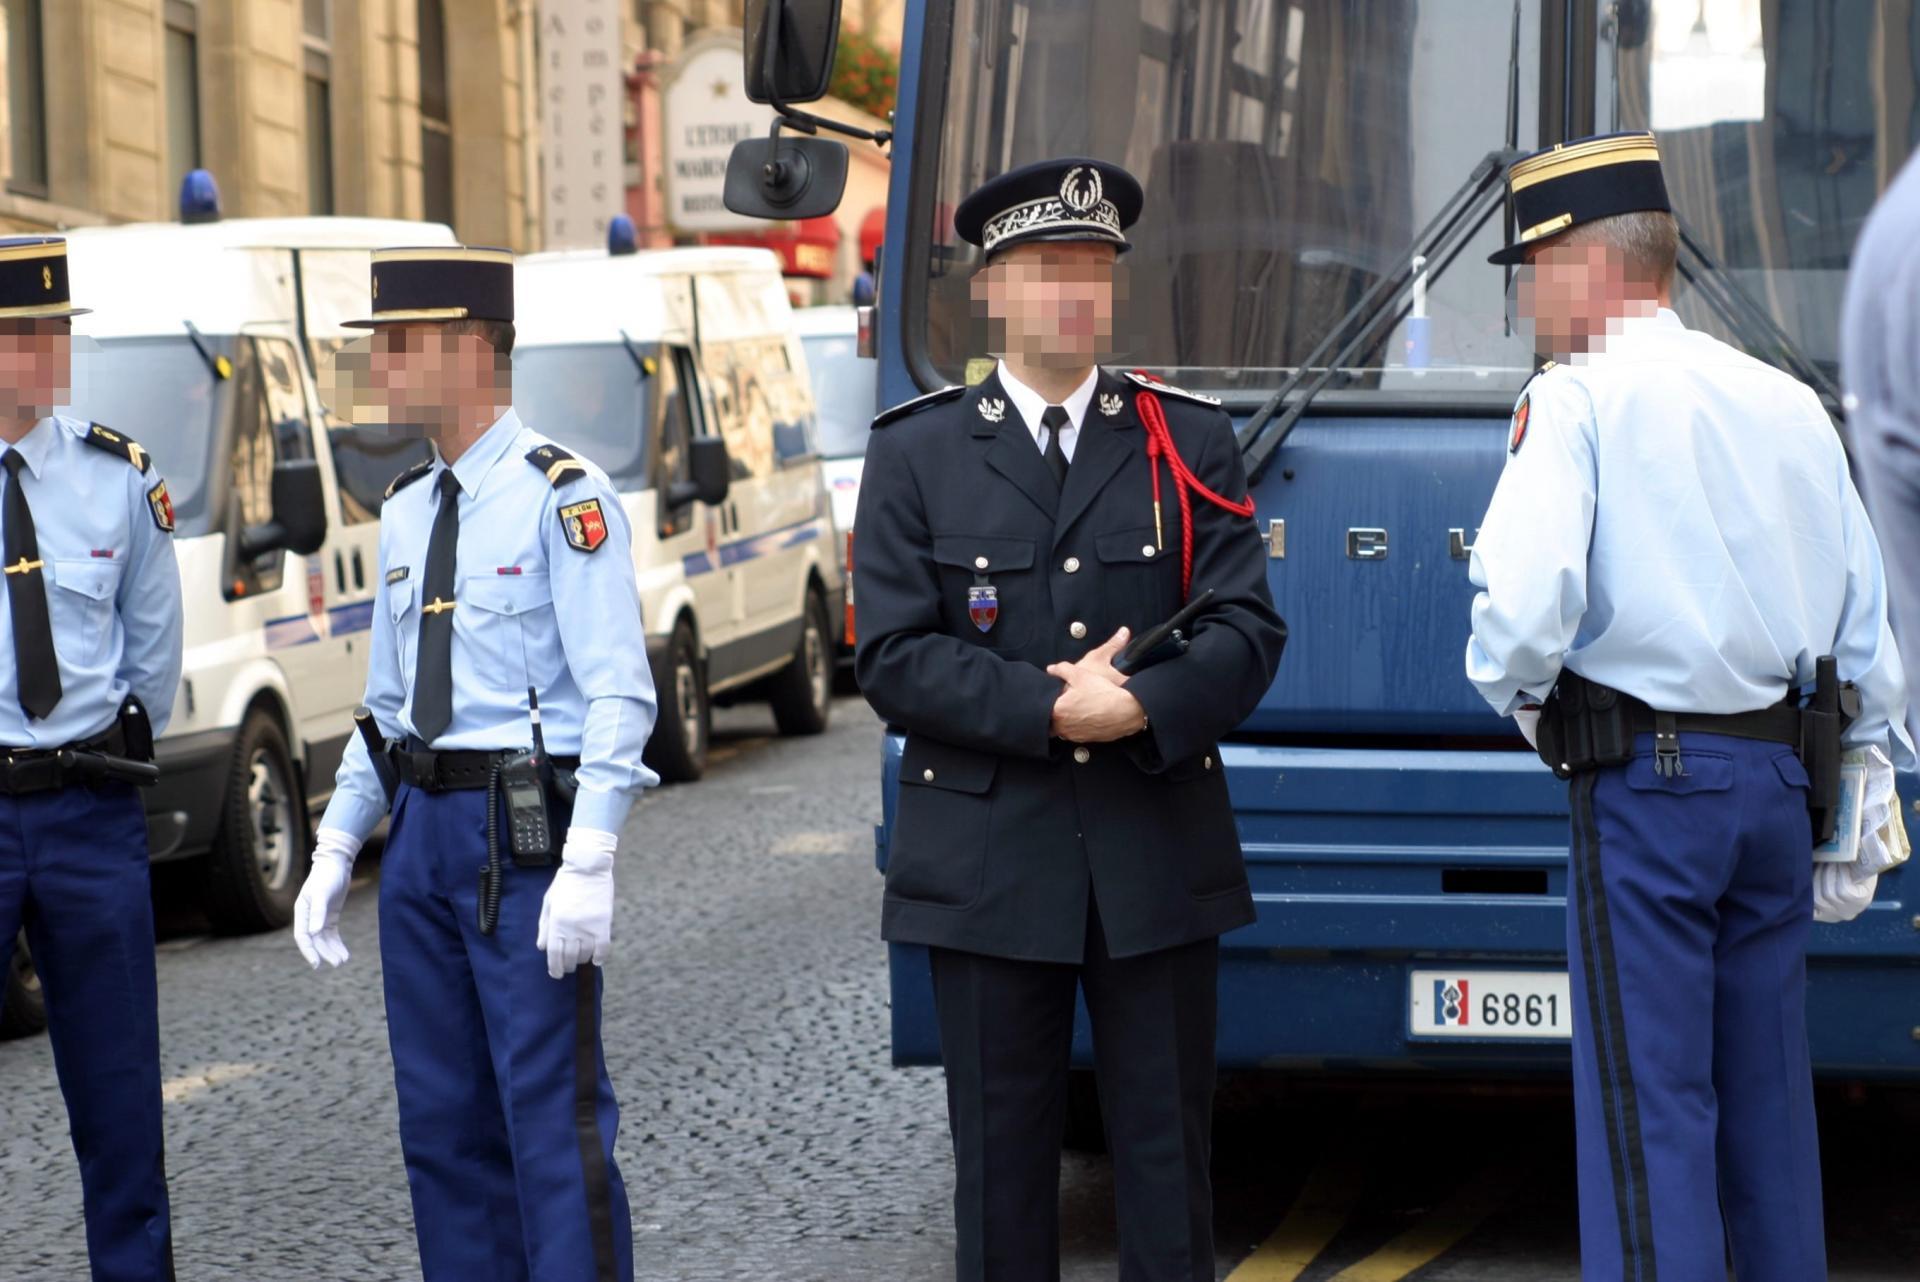 Police gendarmerie img 1624